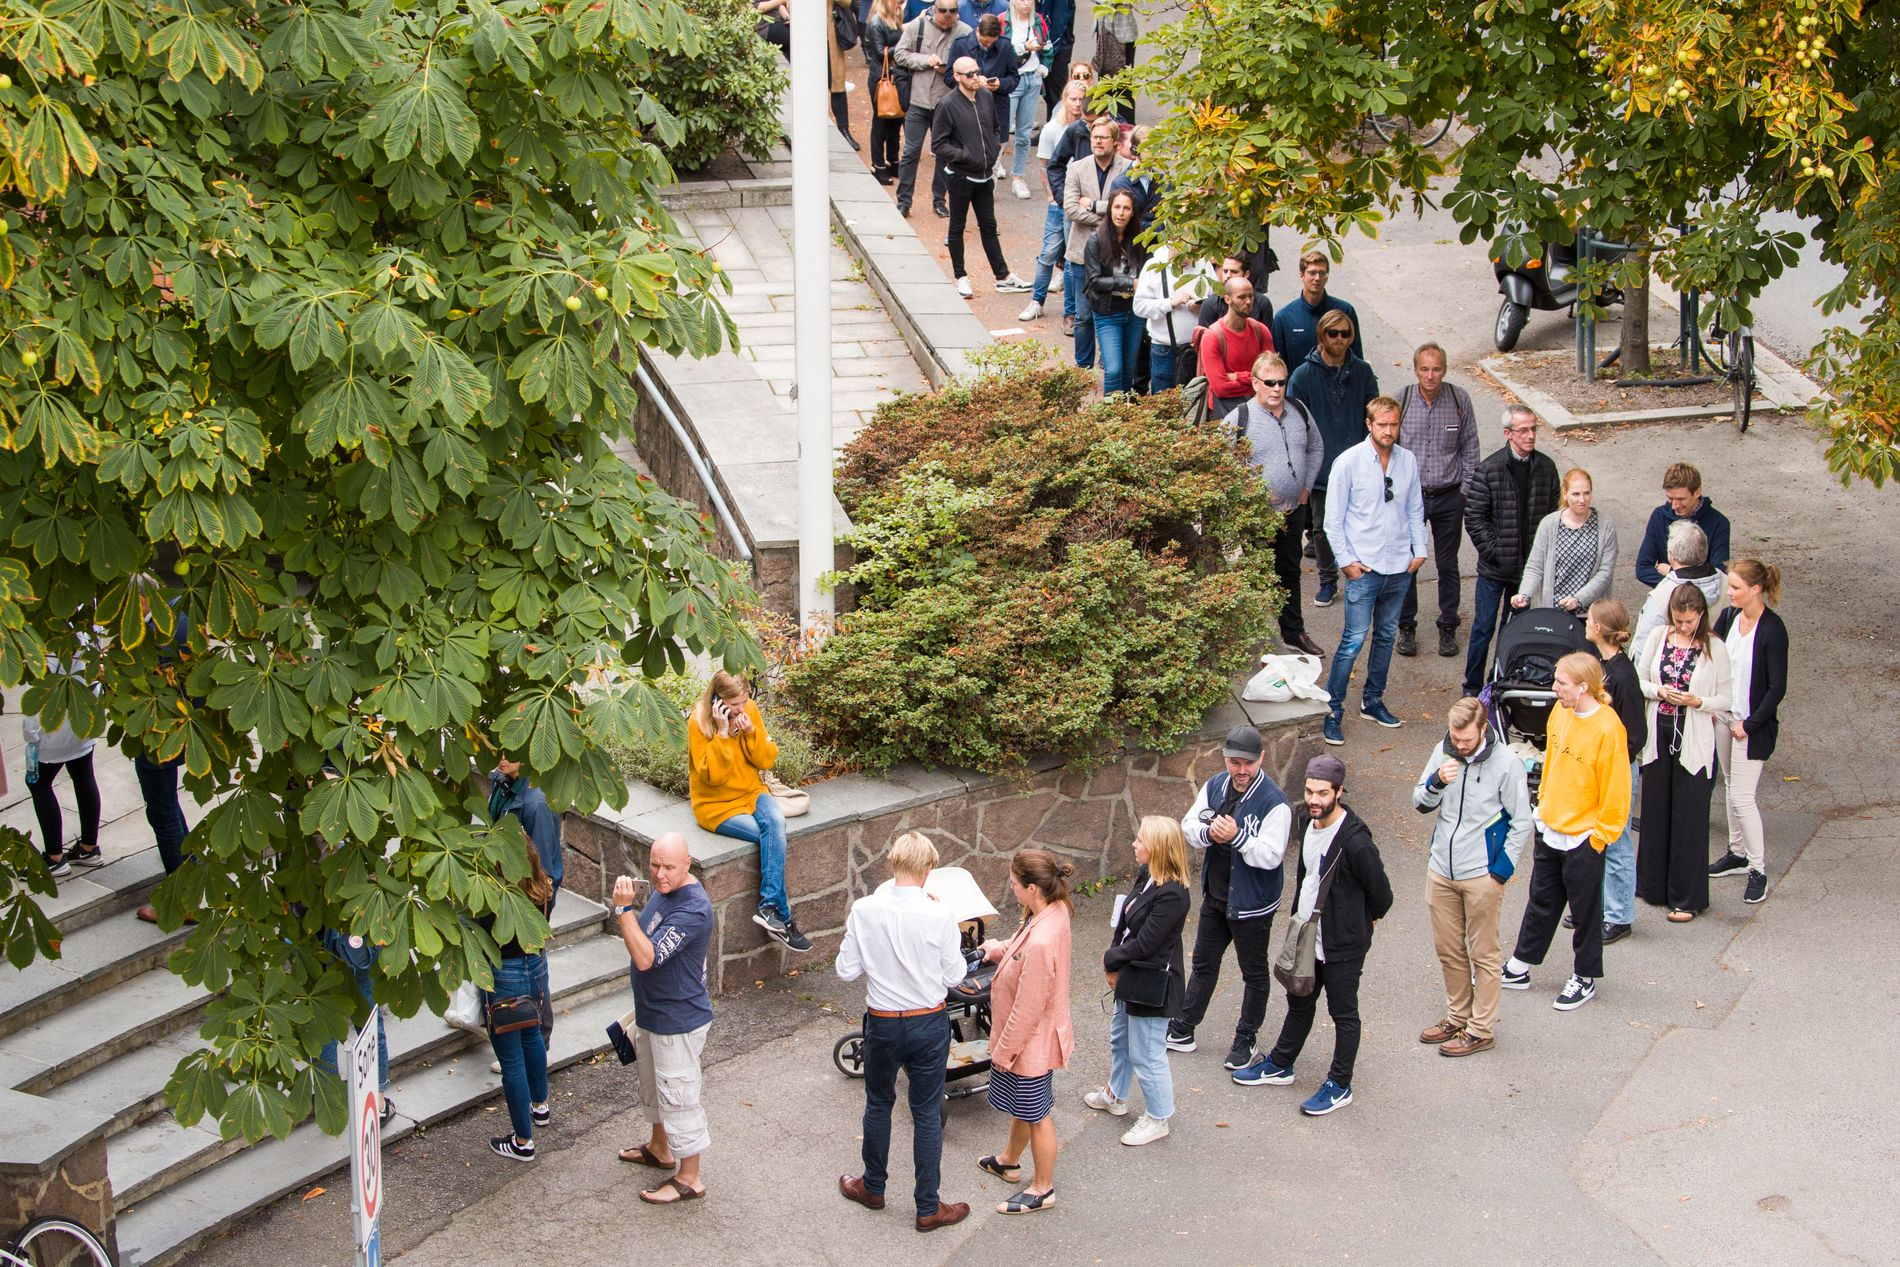 LANG KØ: De svenske velgerne strakte seg i en lang kø utenfor den svenske ambassaden i Bygdøy allé på den siste dagen for forhåndsstemming.